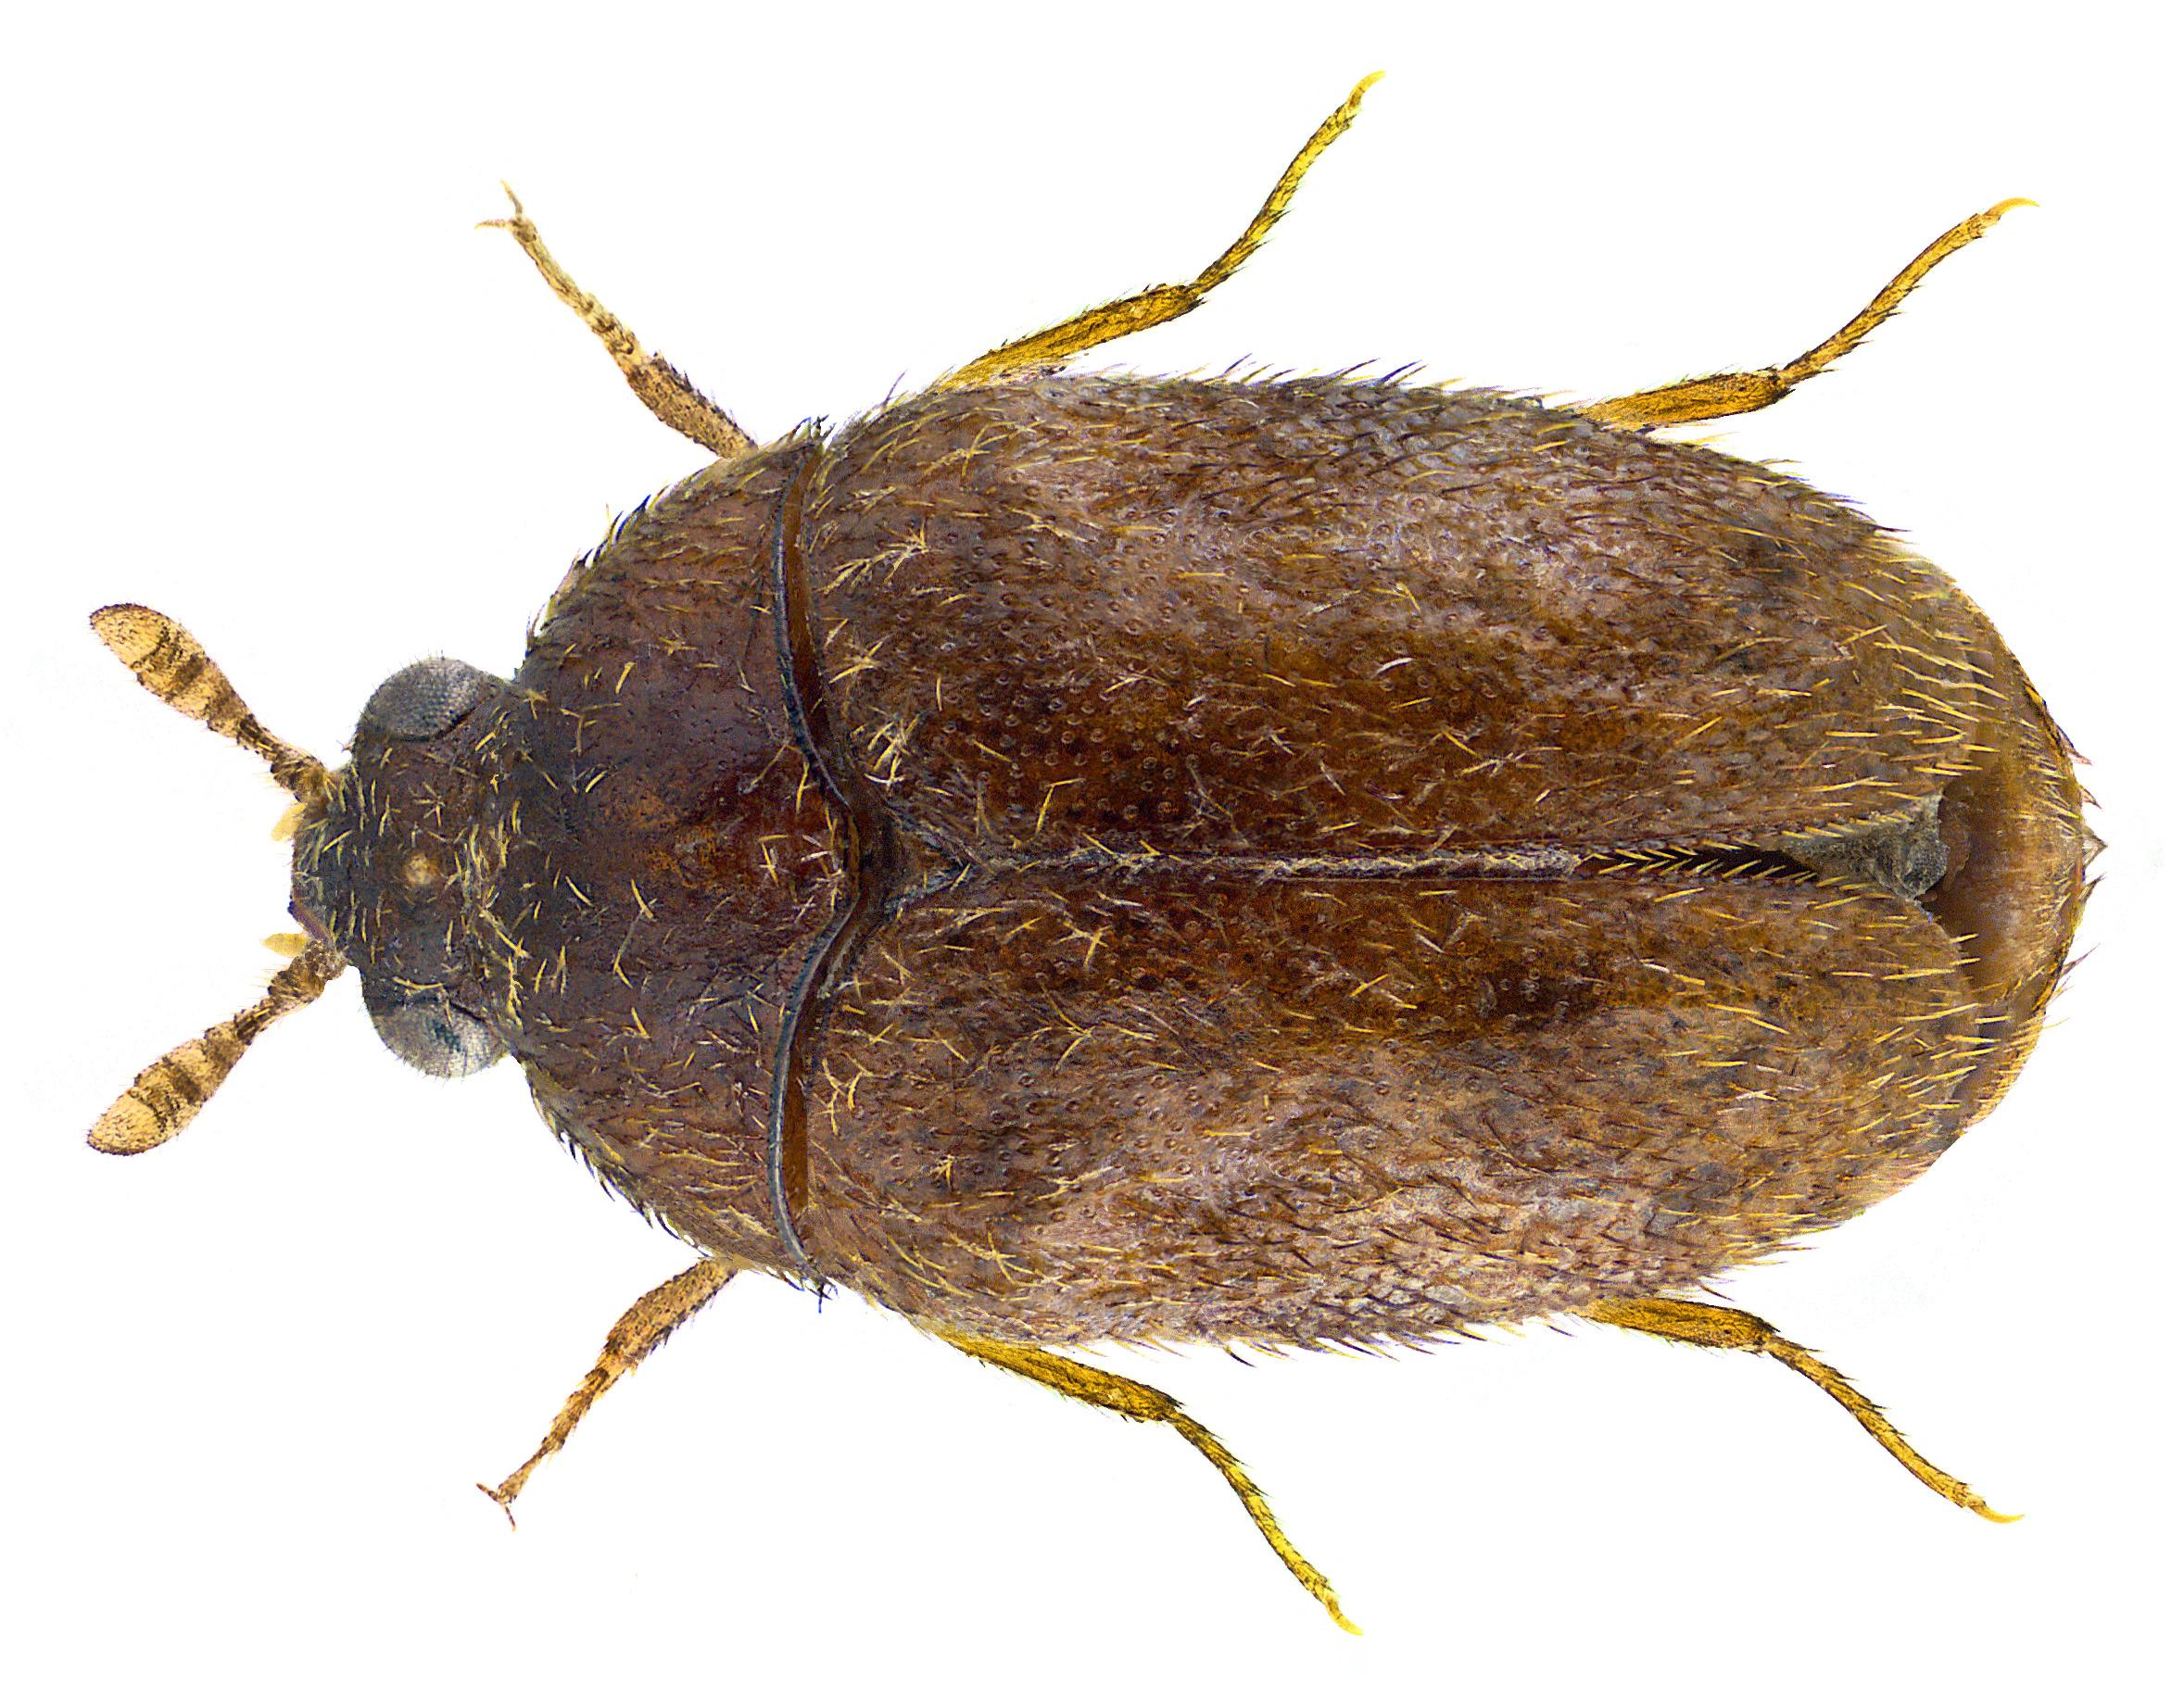 Image of Khapra beetle